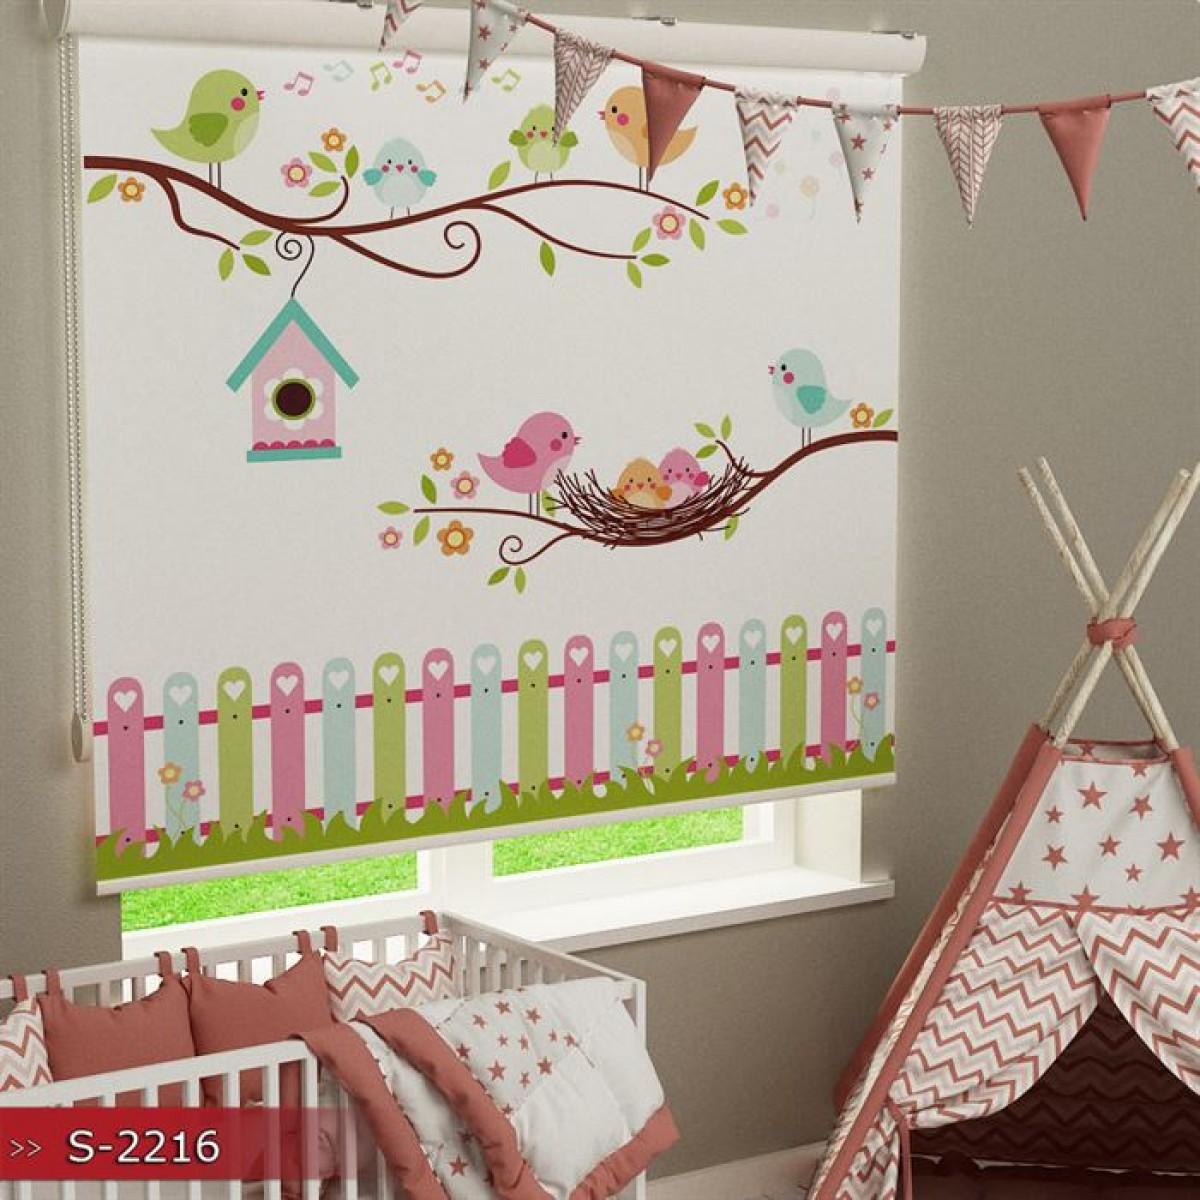 Bebek Odası - Kuşlar ve Çitler Vektör Baskılı Stor Perde - (GÜNEŞLİK)